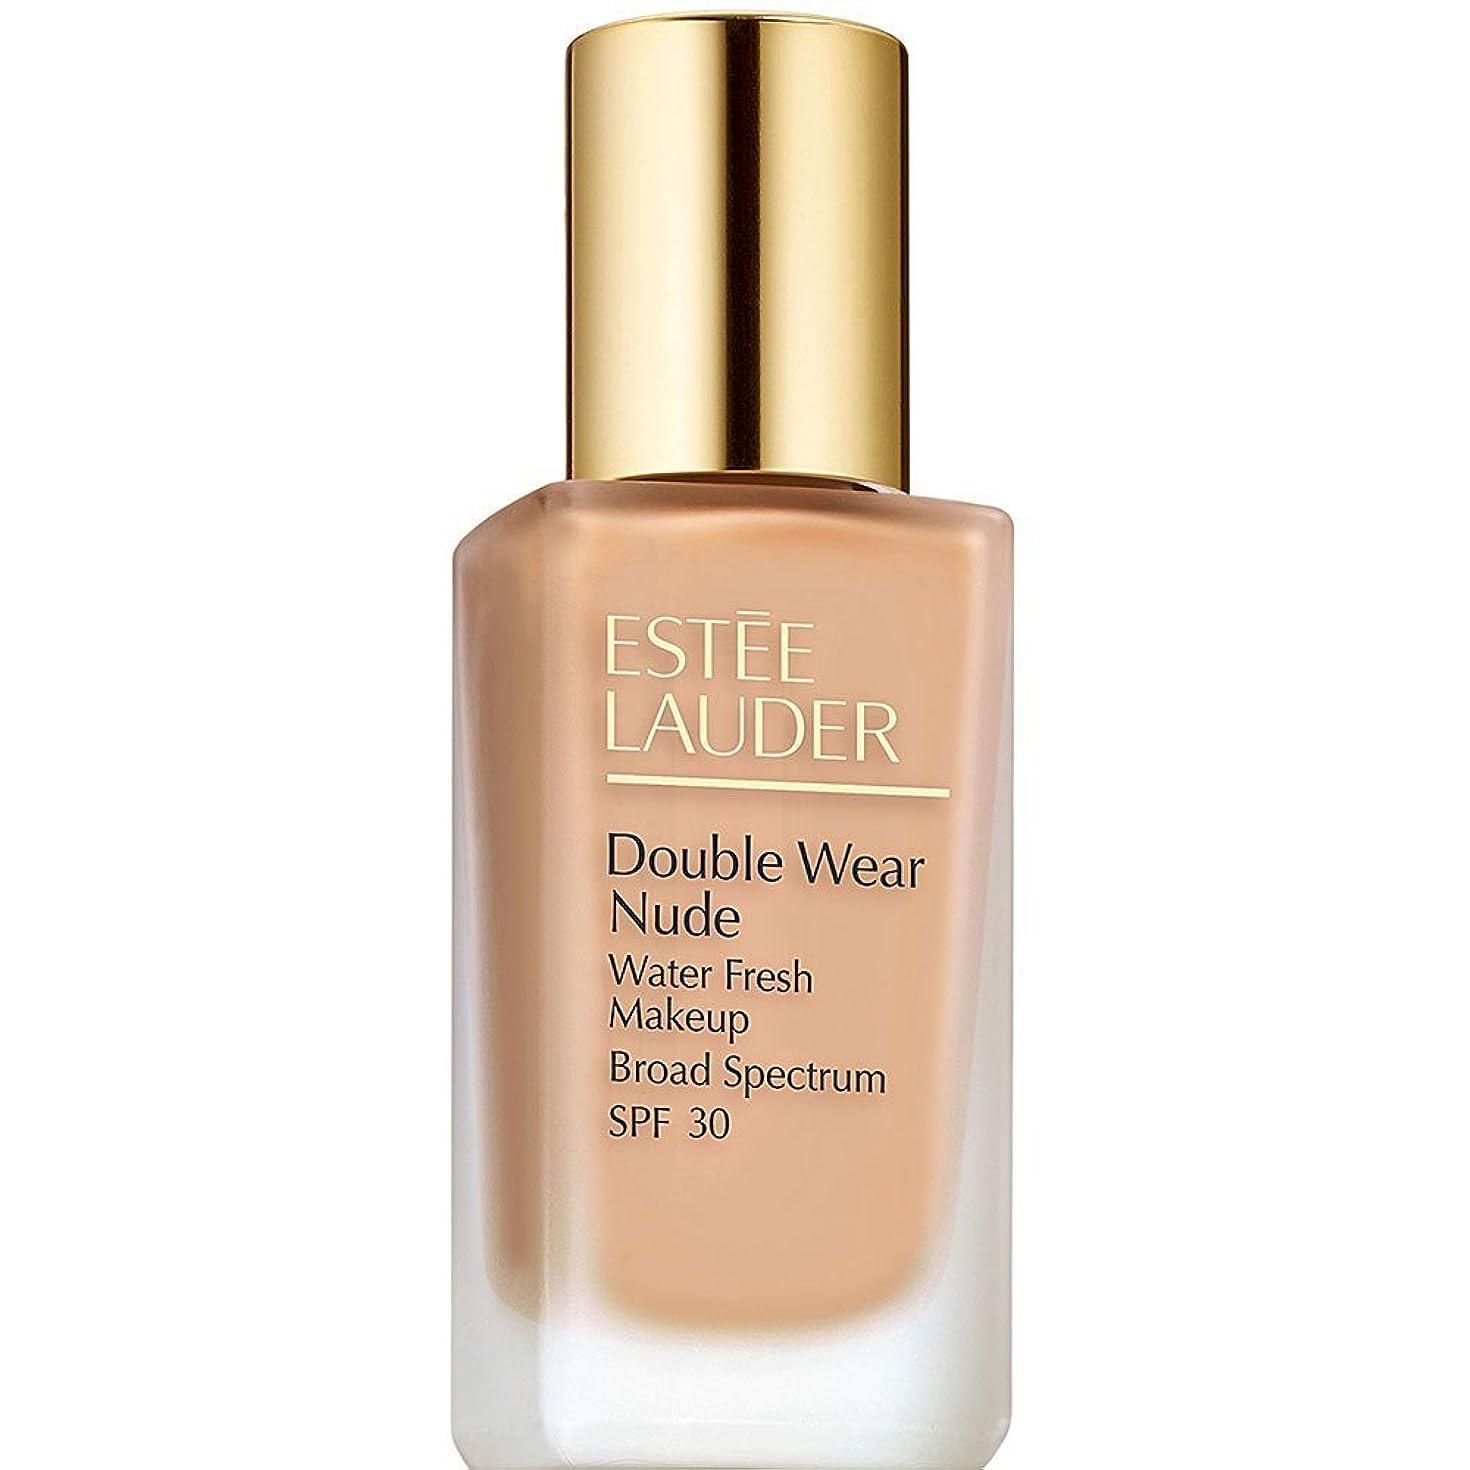 安定したセント値するエスティローダー Double Wear Nude Water Fresh Makeup SPF 30 - # 1N2 Ecru 30ml/1oz並行輸入品